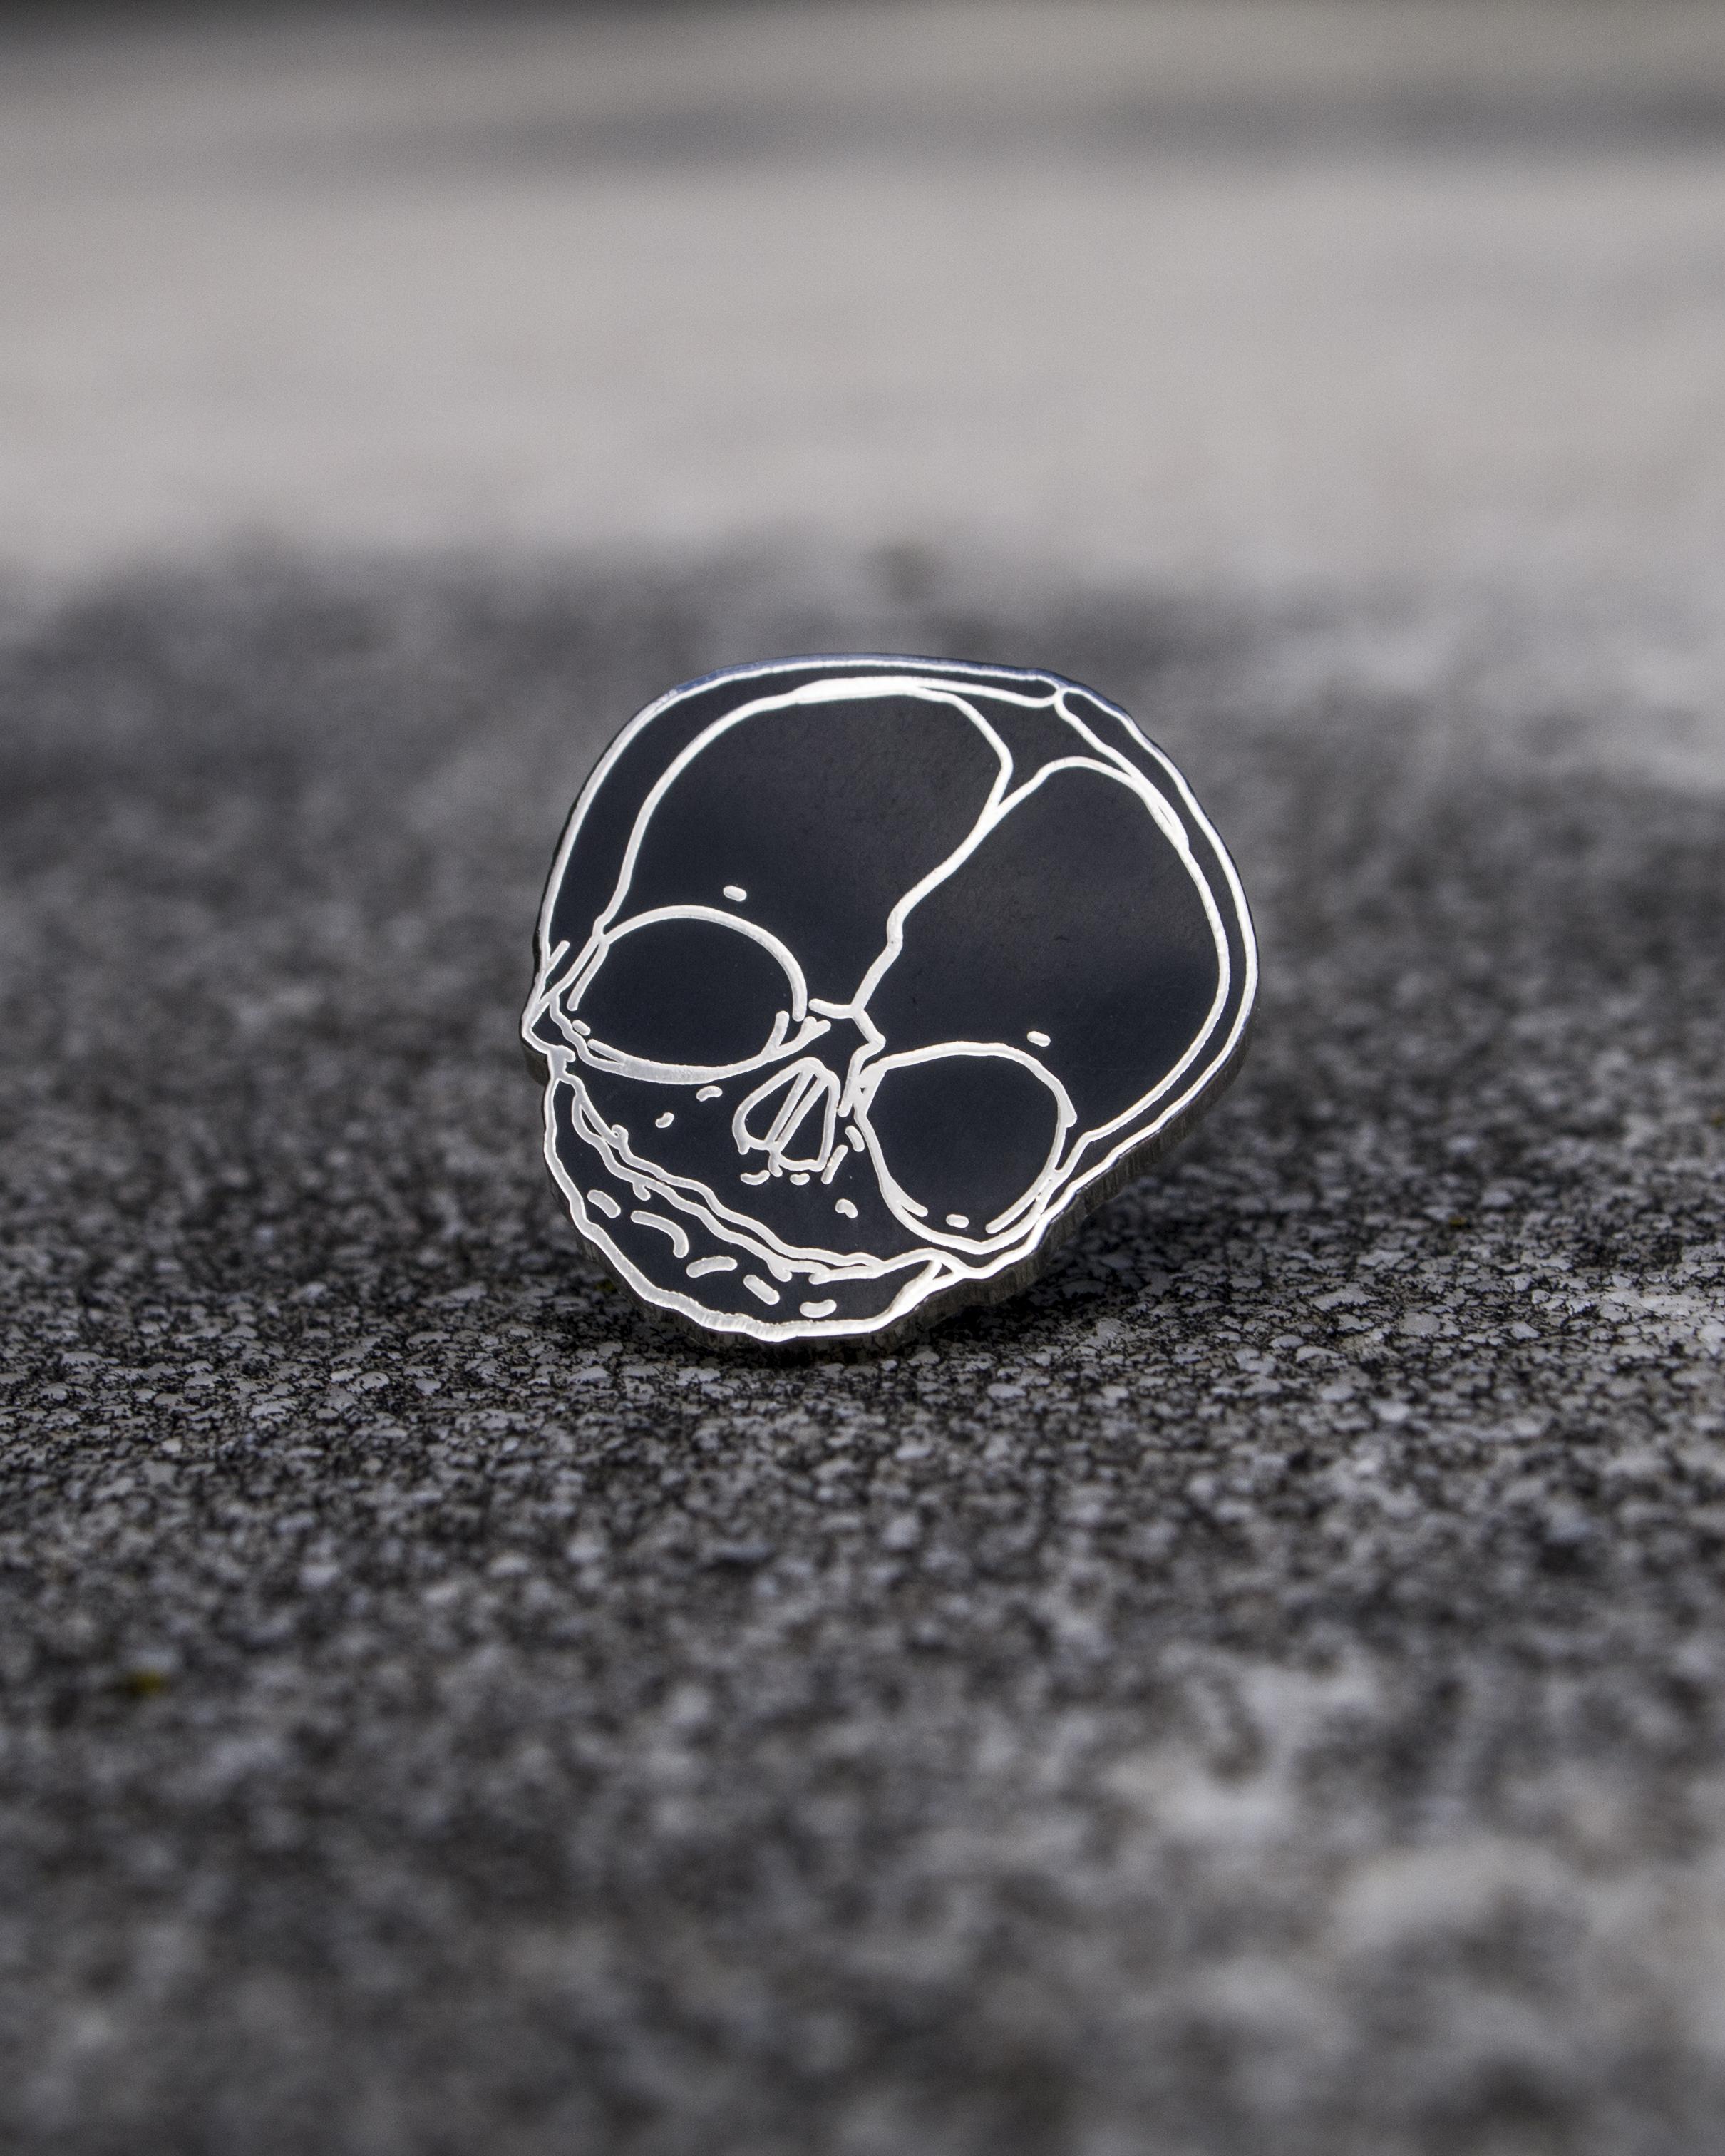 Fetal Skull Pin.jpg